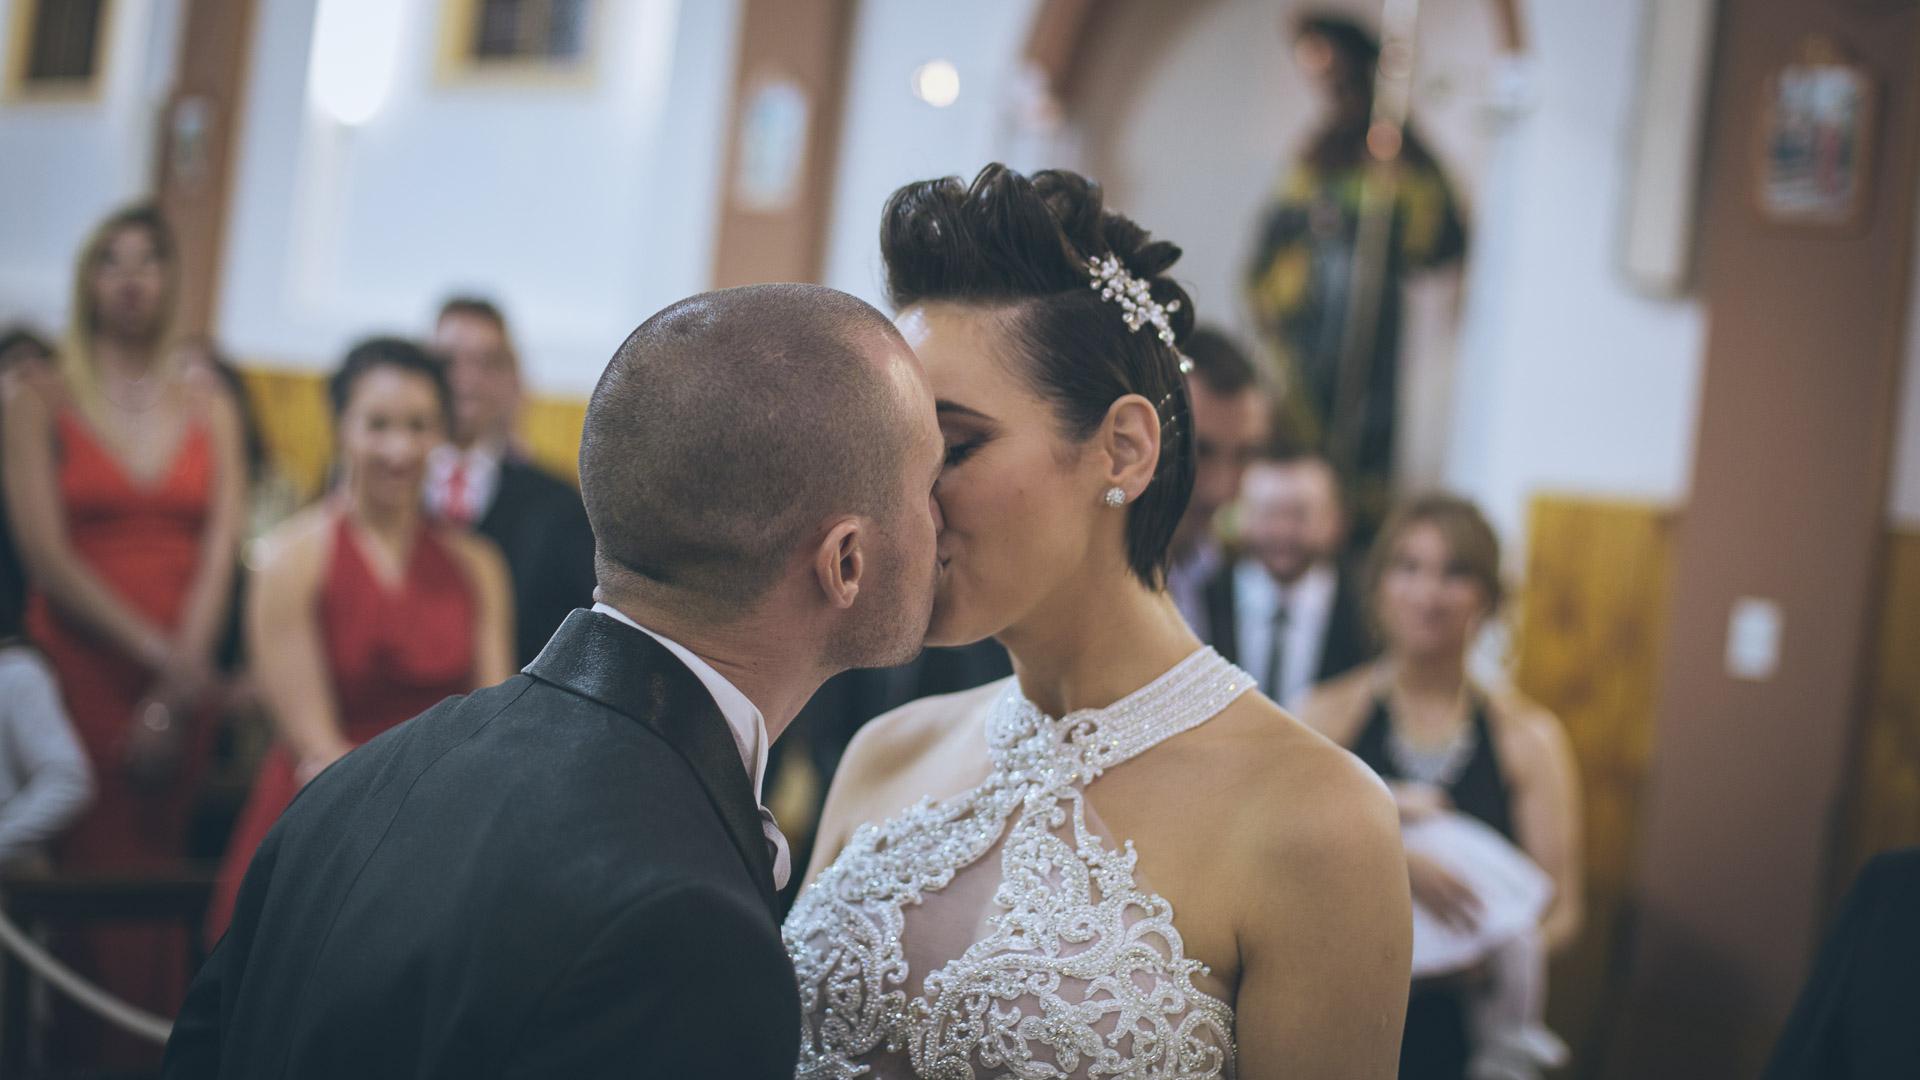 Bodas en Bahia, un casamiento en la iglesia san roque